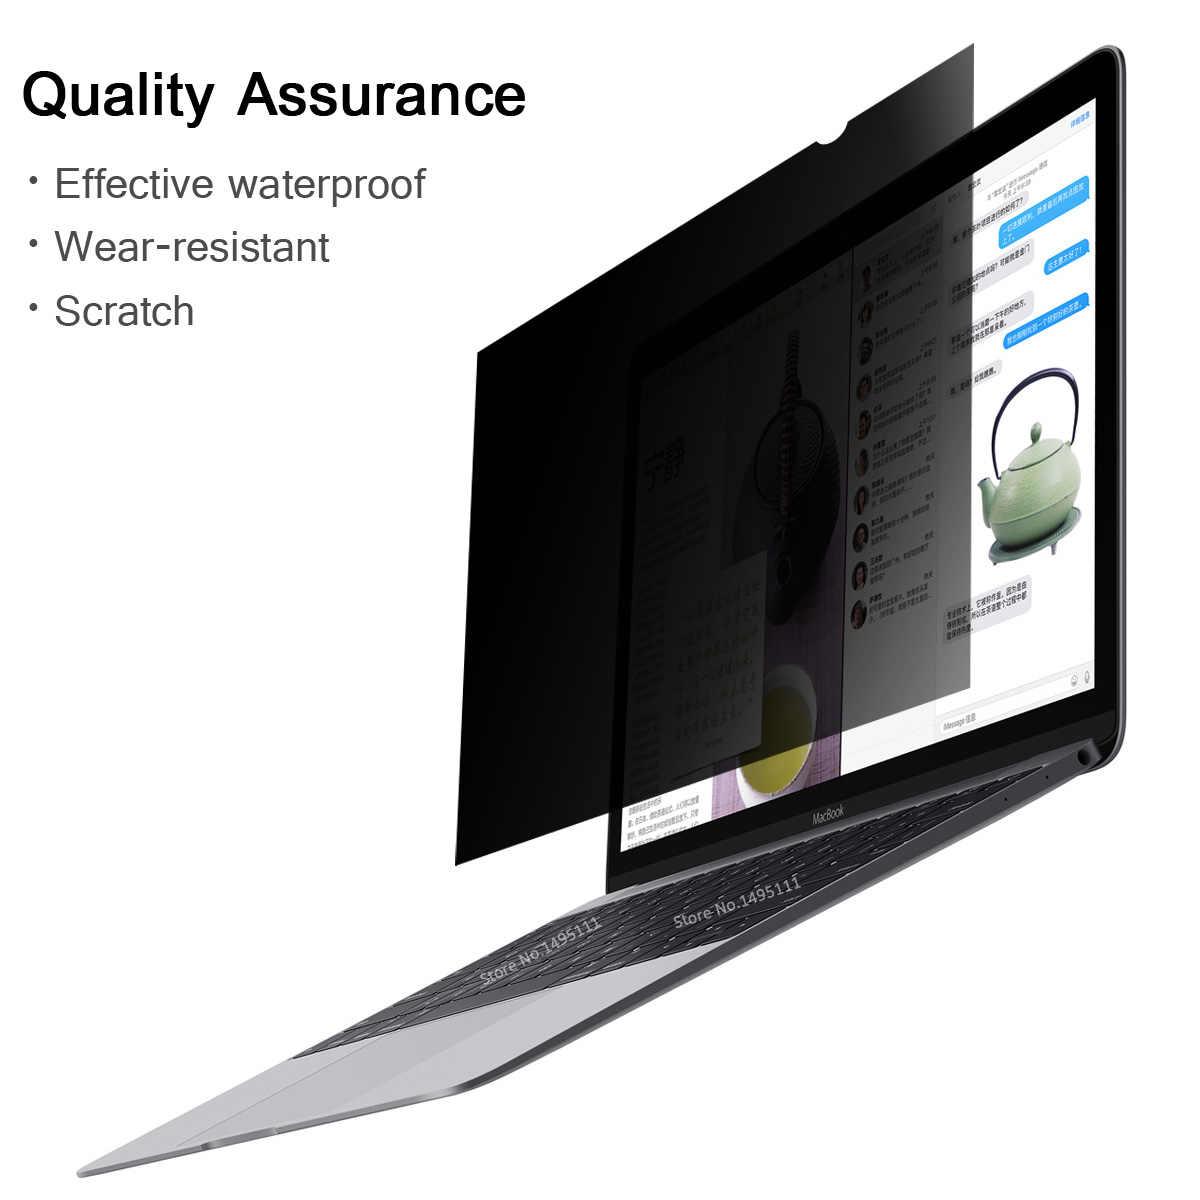 """עבור Apple Macbook Air 13.3 inch (286 מ""""מ * 179 מ""""מ) מסנן פרטיות מחשב נייד מחברת נגד בוהק מסך מגן מגן סרט"""